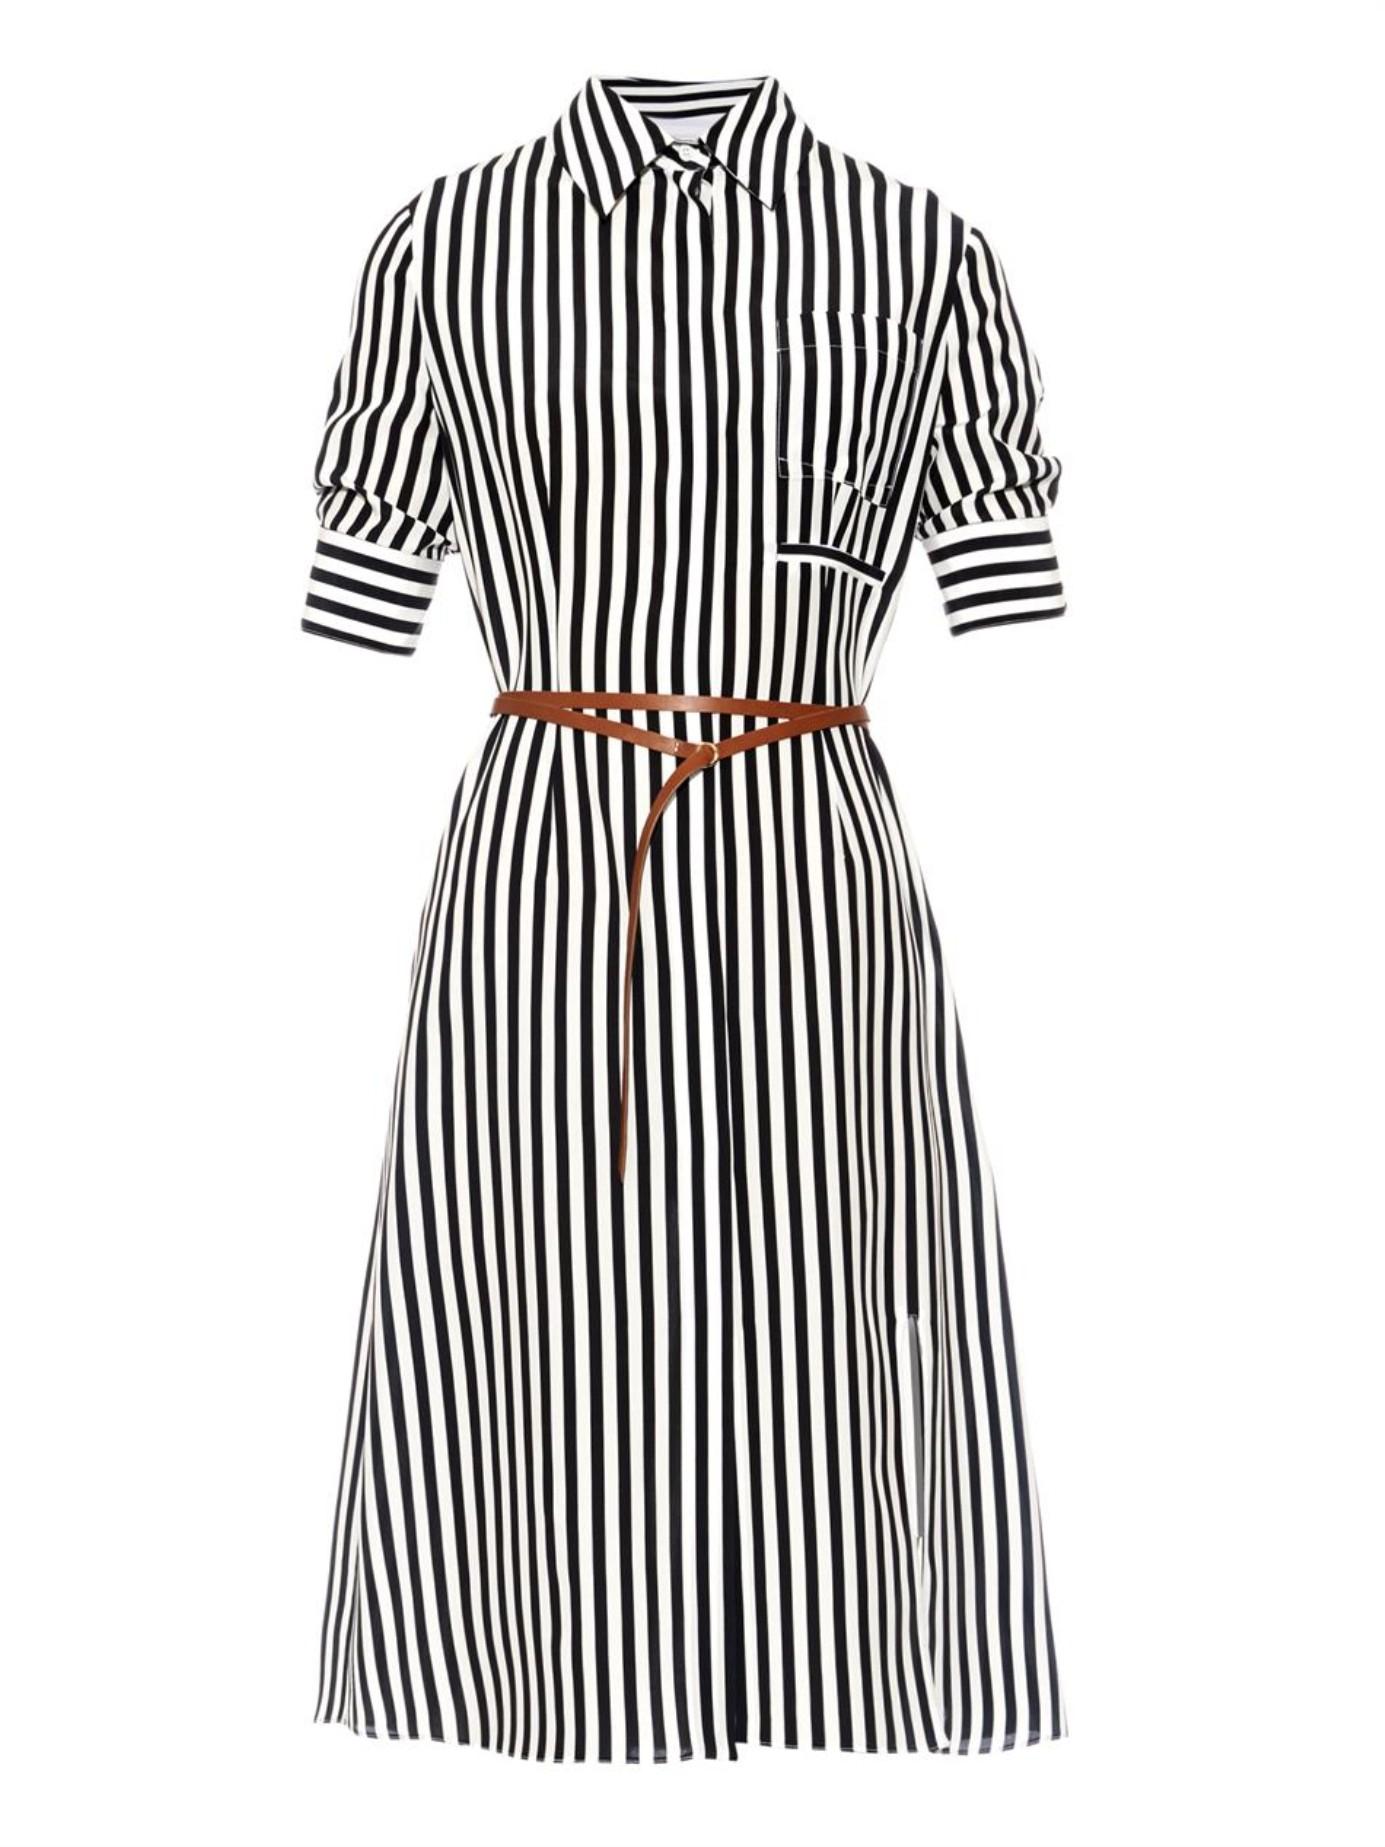 Black Altuzarra In Lyst Shirtdress Striped Kieran 17qaX6